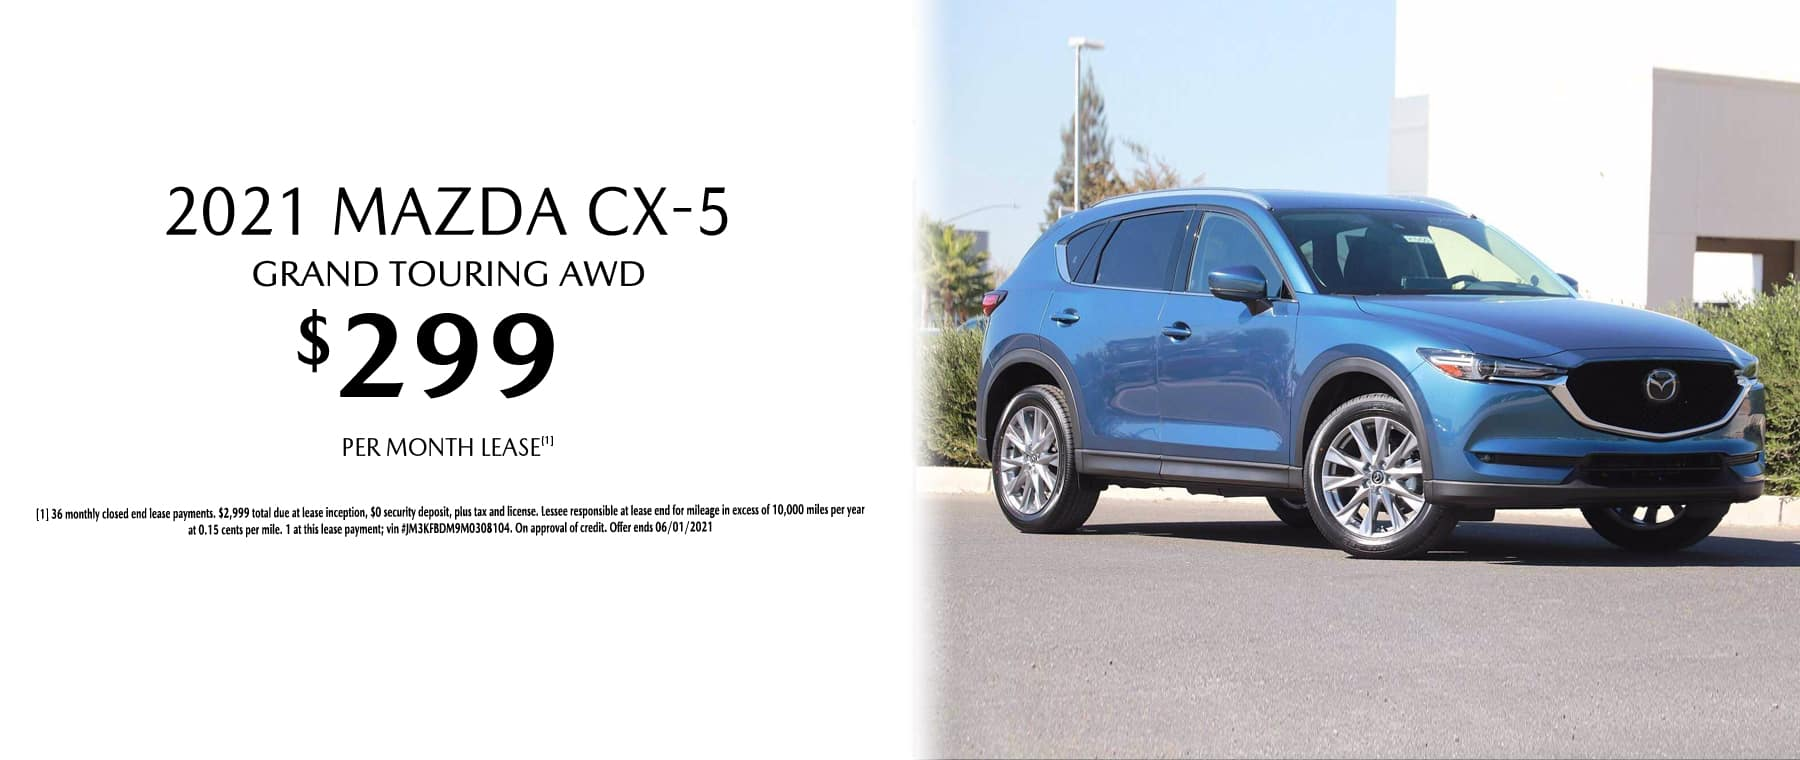 2021_Mazda-CX5_May2021